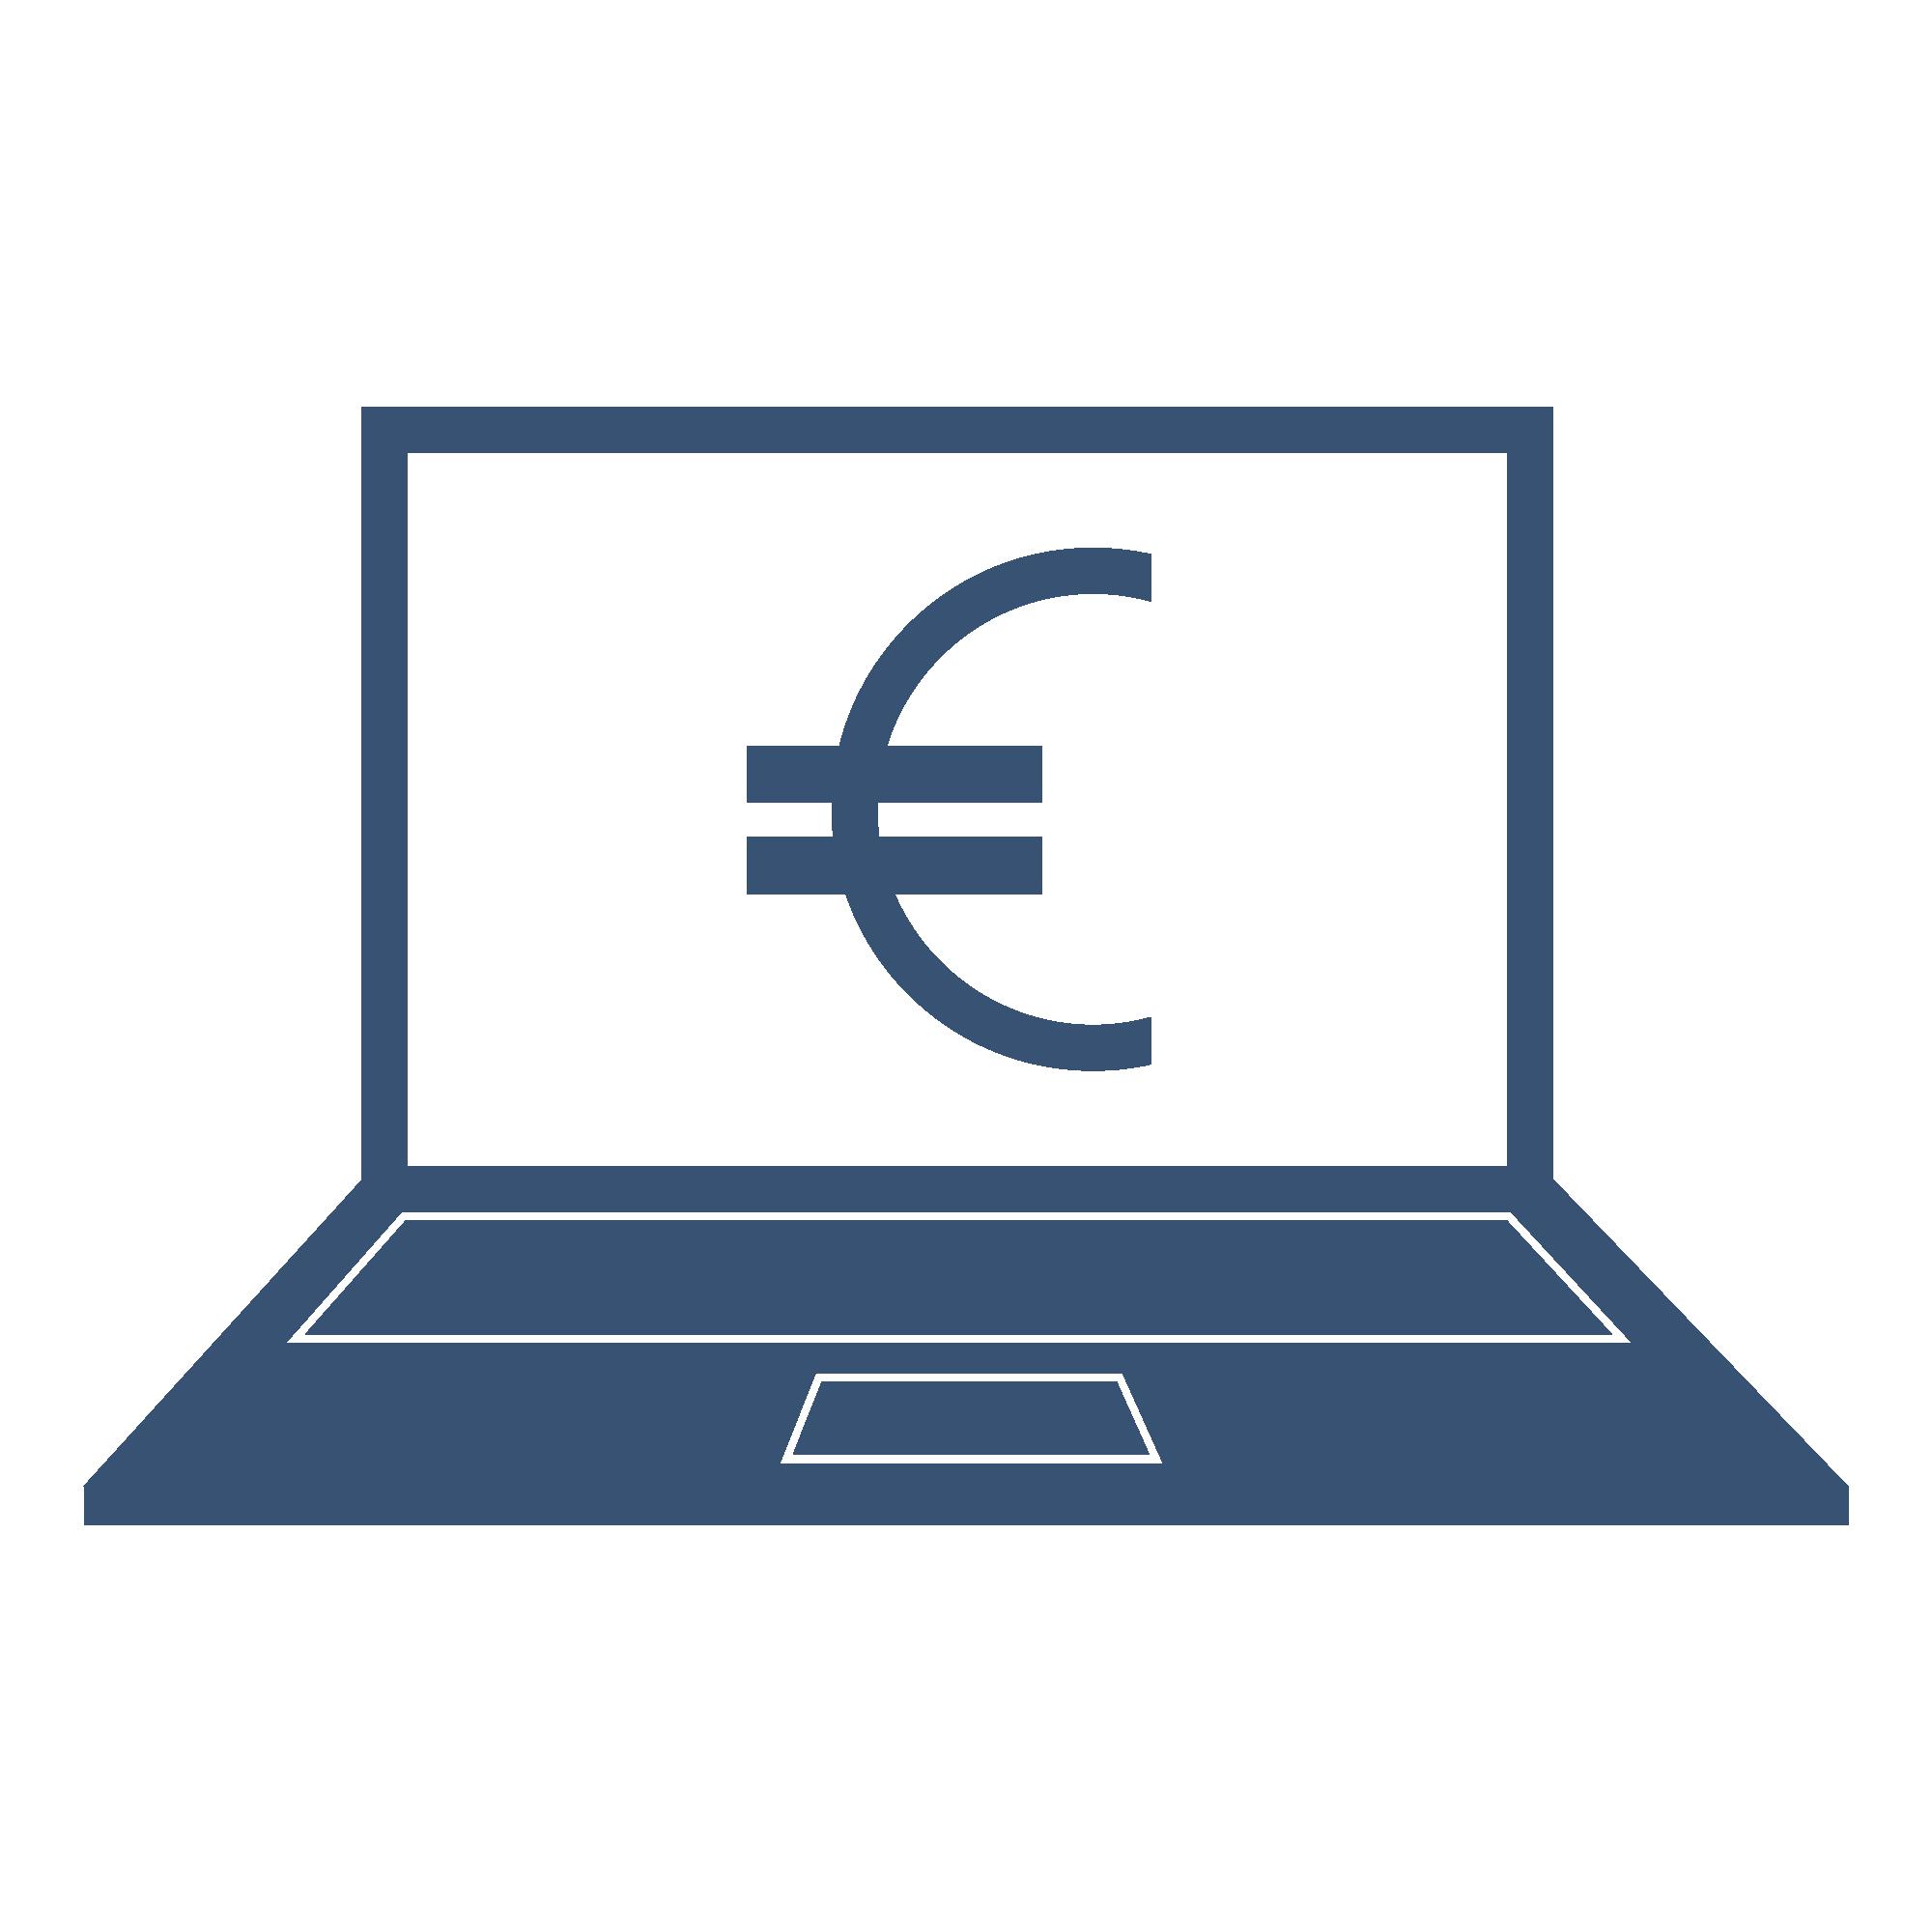 Mitarbeiterschulung Datenschutz - Step 2 Freischaltung | emitarbeiterschulung.de